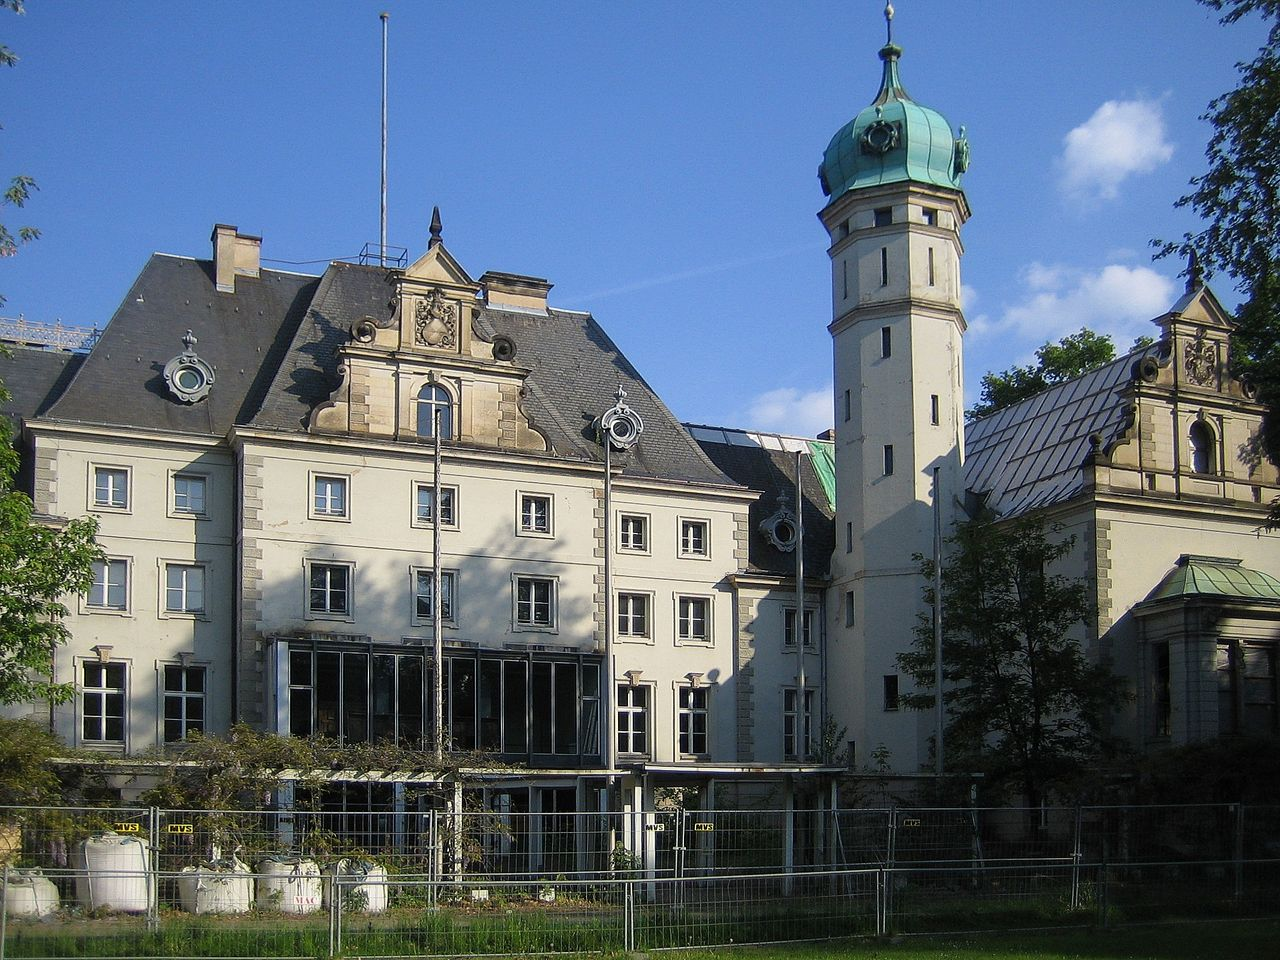 Bild Jagdschloss Glienicke Potsdam